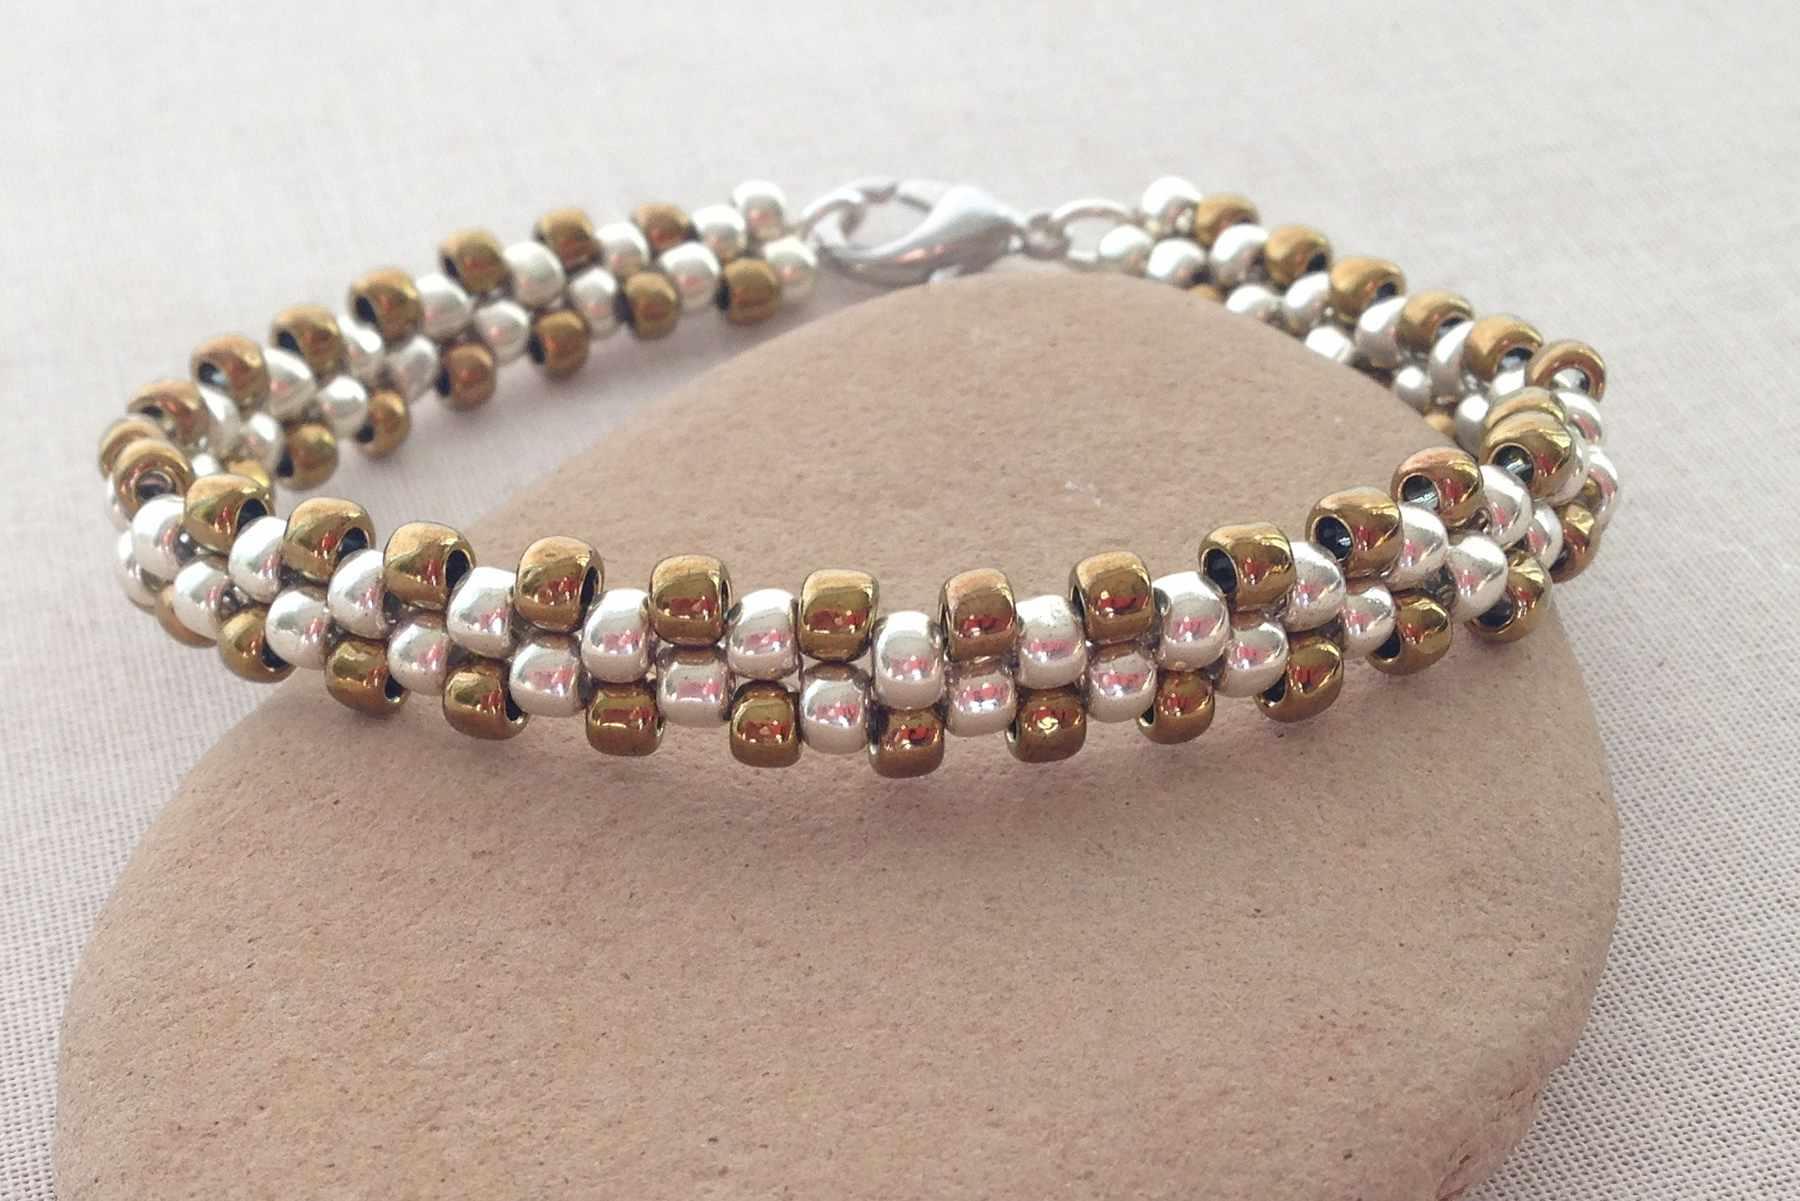 A brick stitch bead bracelet